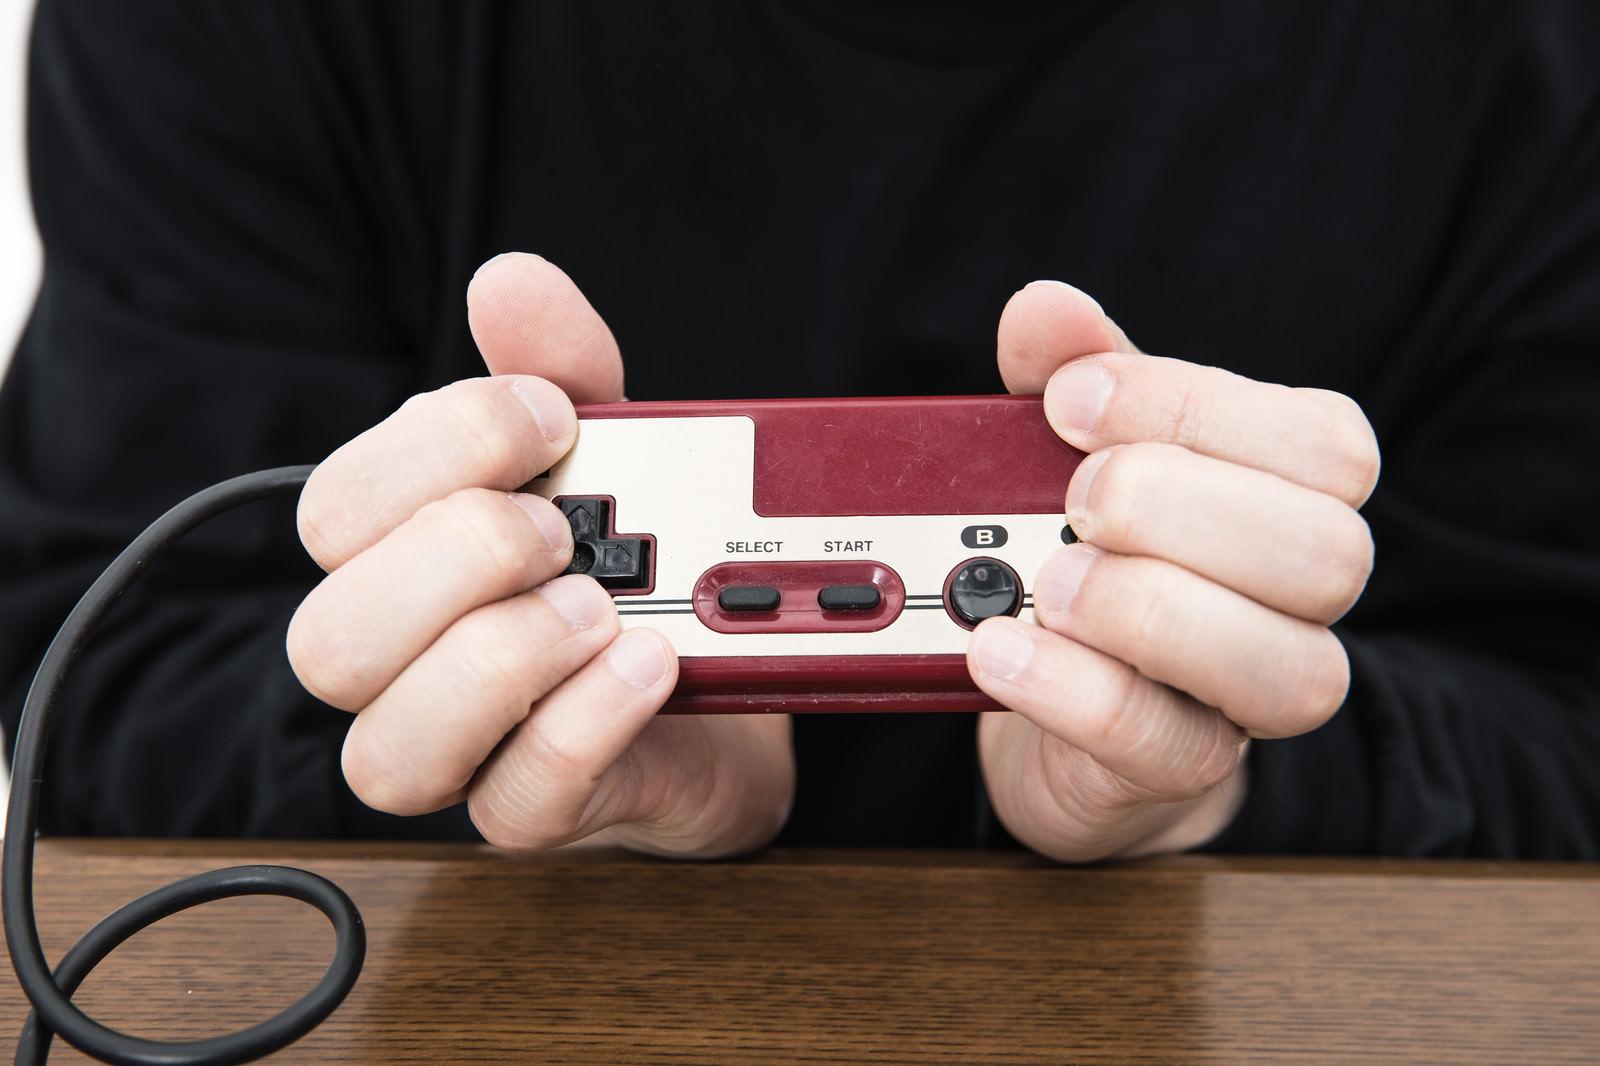 「ファミコンのコントローラーでAC持ち(ヘンタイグリップ)」の写真[モデル:大川竜弥]